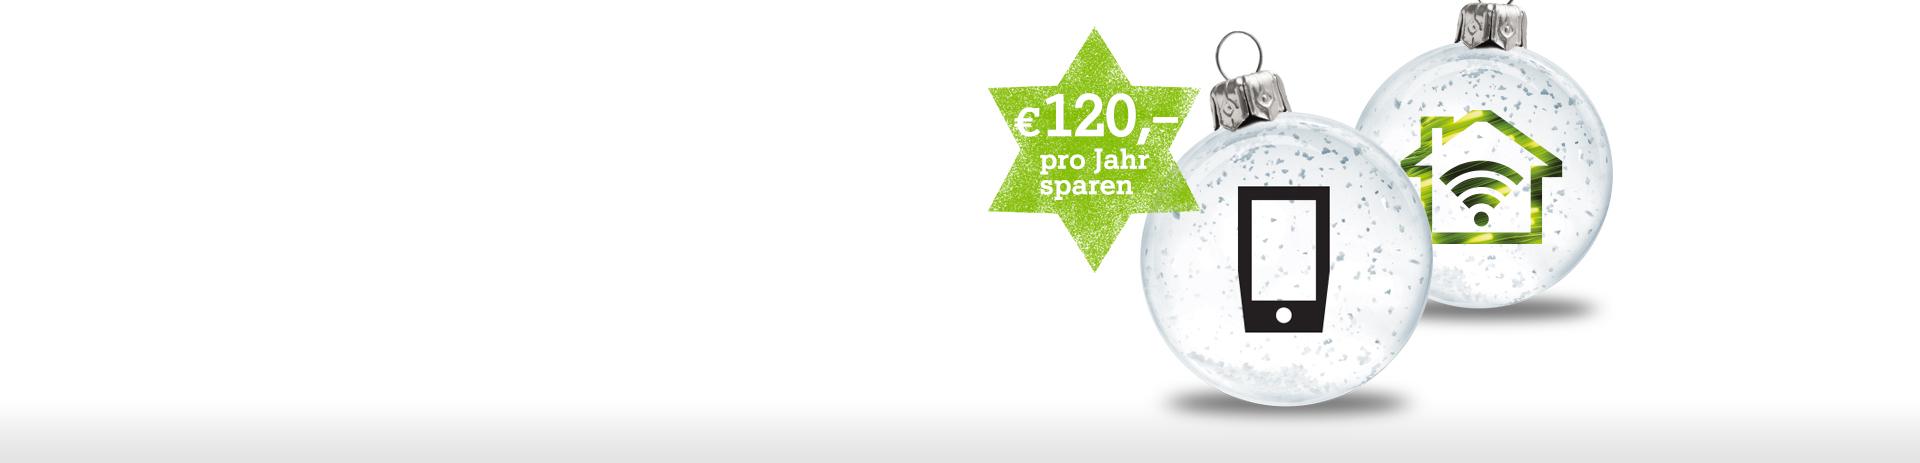 A1 Bonusprogramm Kombinieren & Sparen